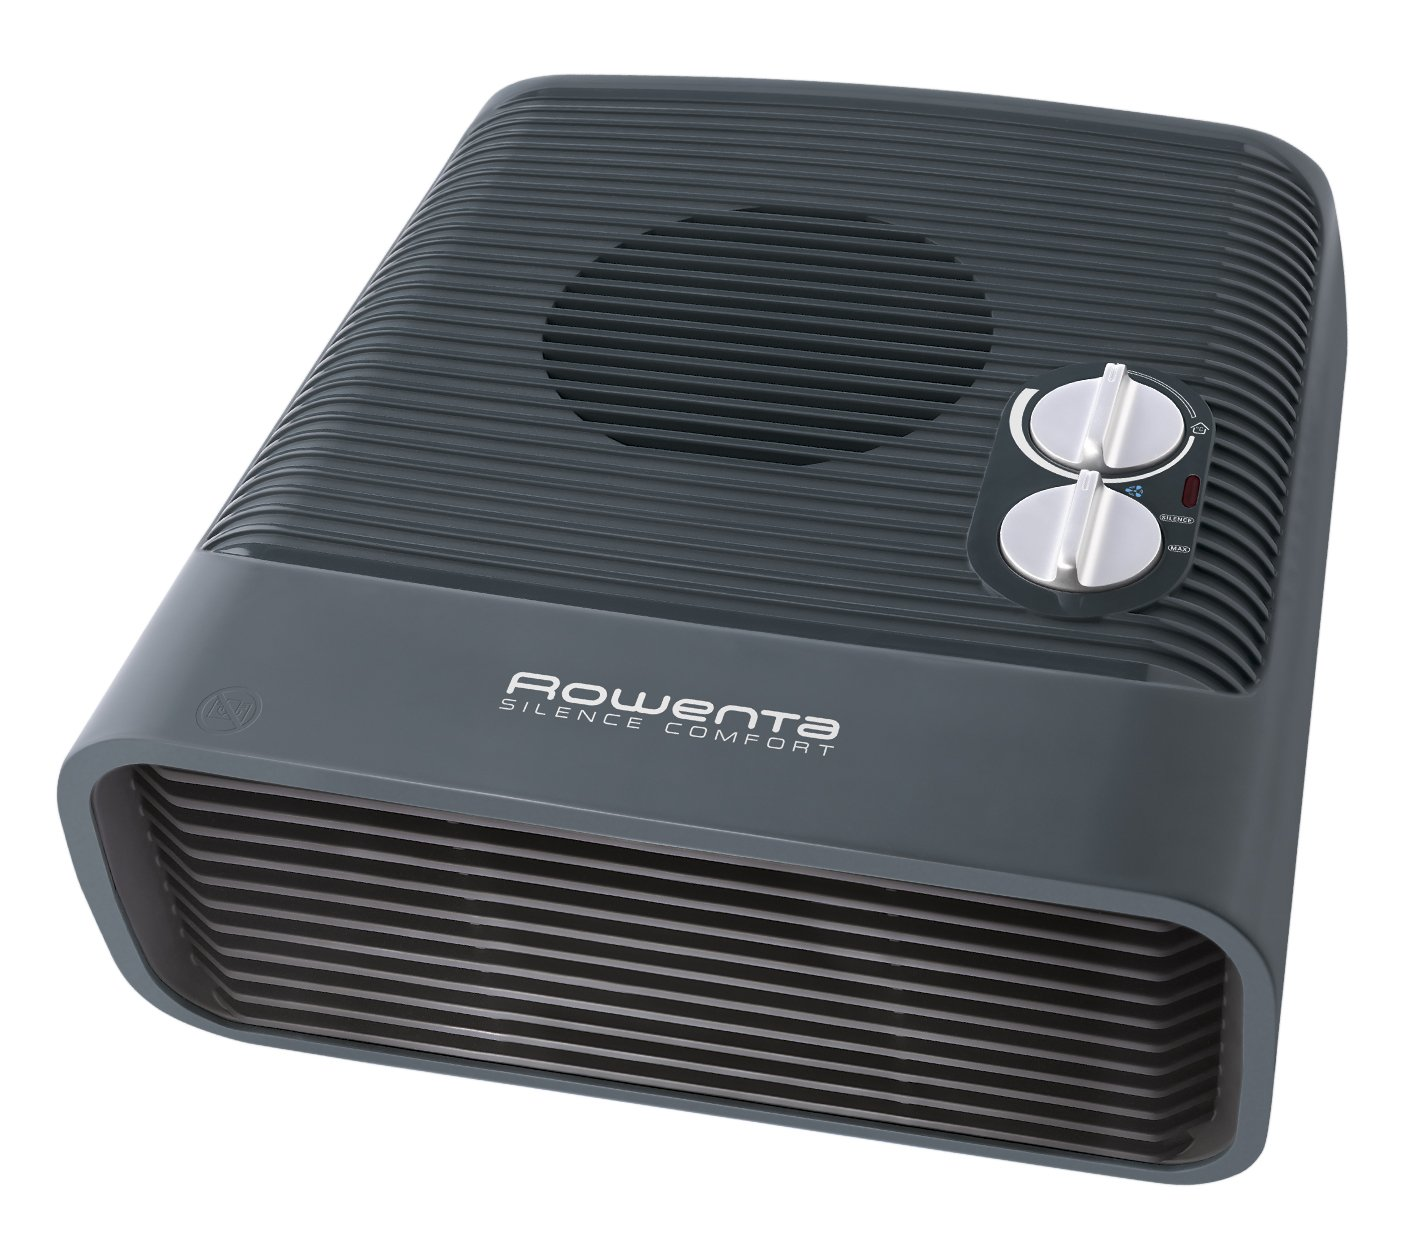 海外代购德国Rowenta好运达Silence Comfort暖风扇取暖器无需变压